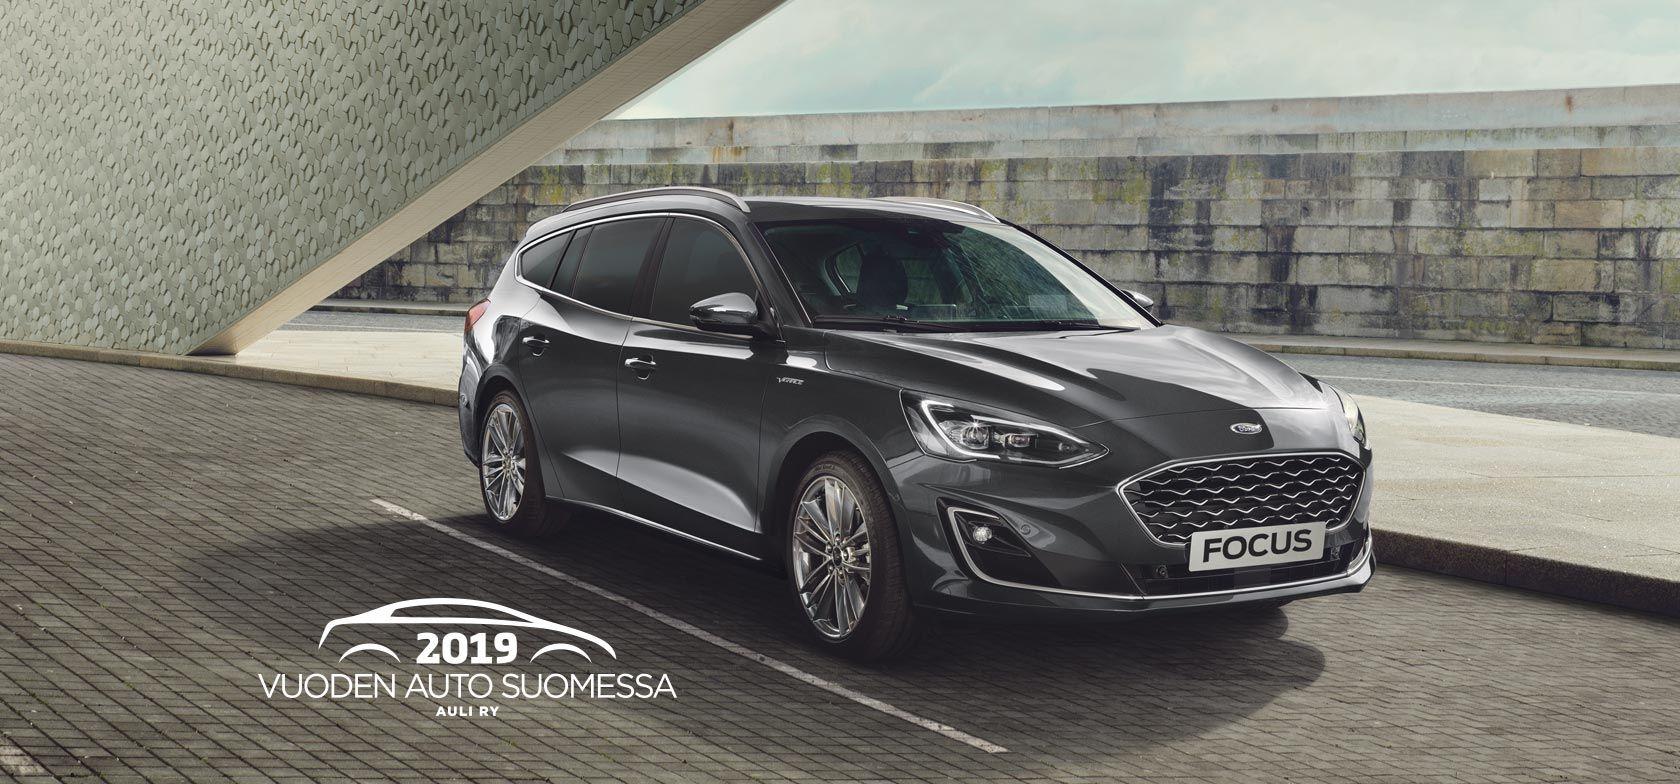 TÄYSIN UUSI FORD FOCUS - Vuoden auto Suomessa 2019